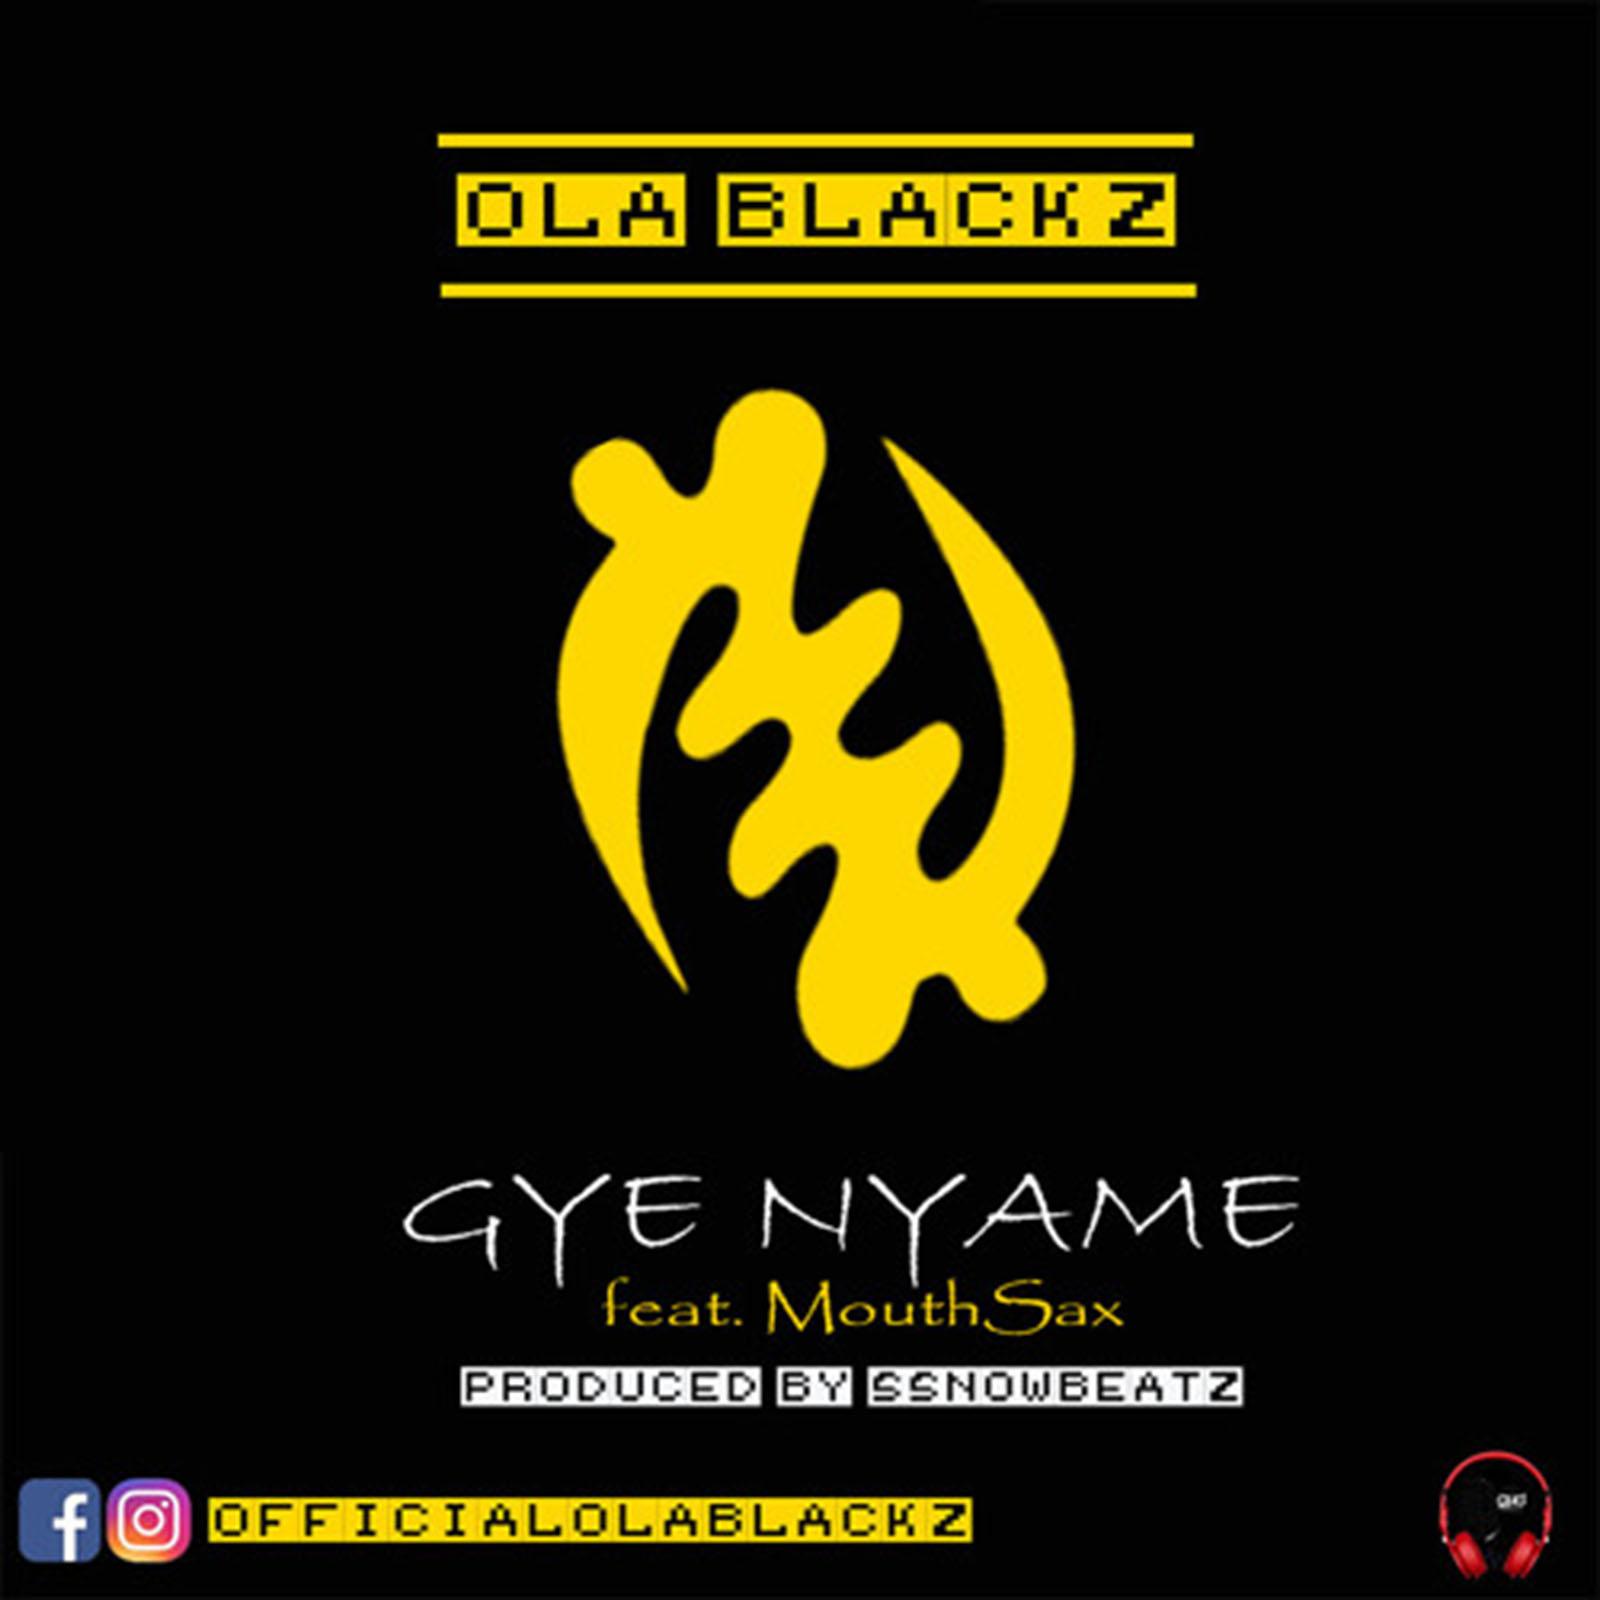 Gye Nyame by Ola Blackz